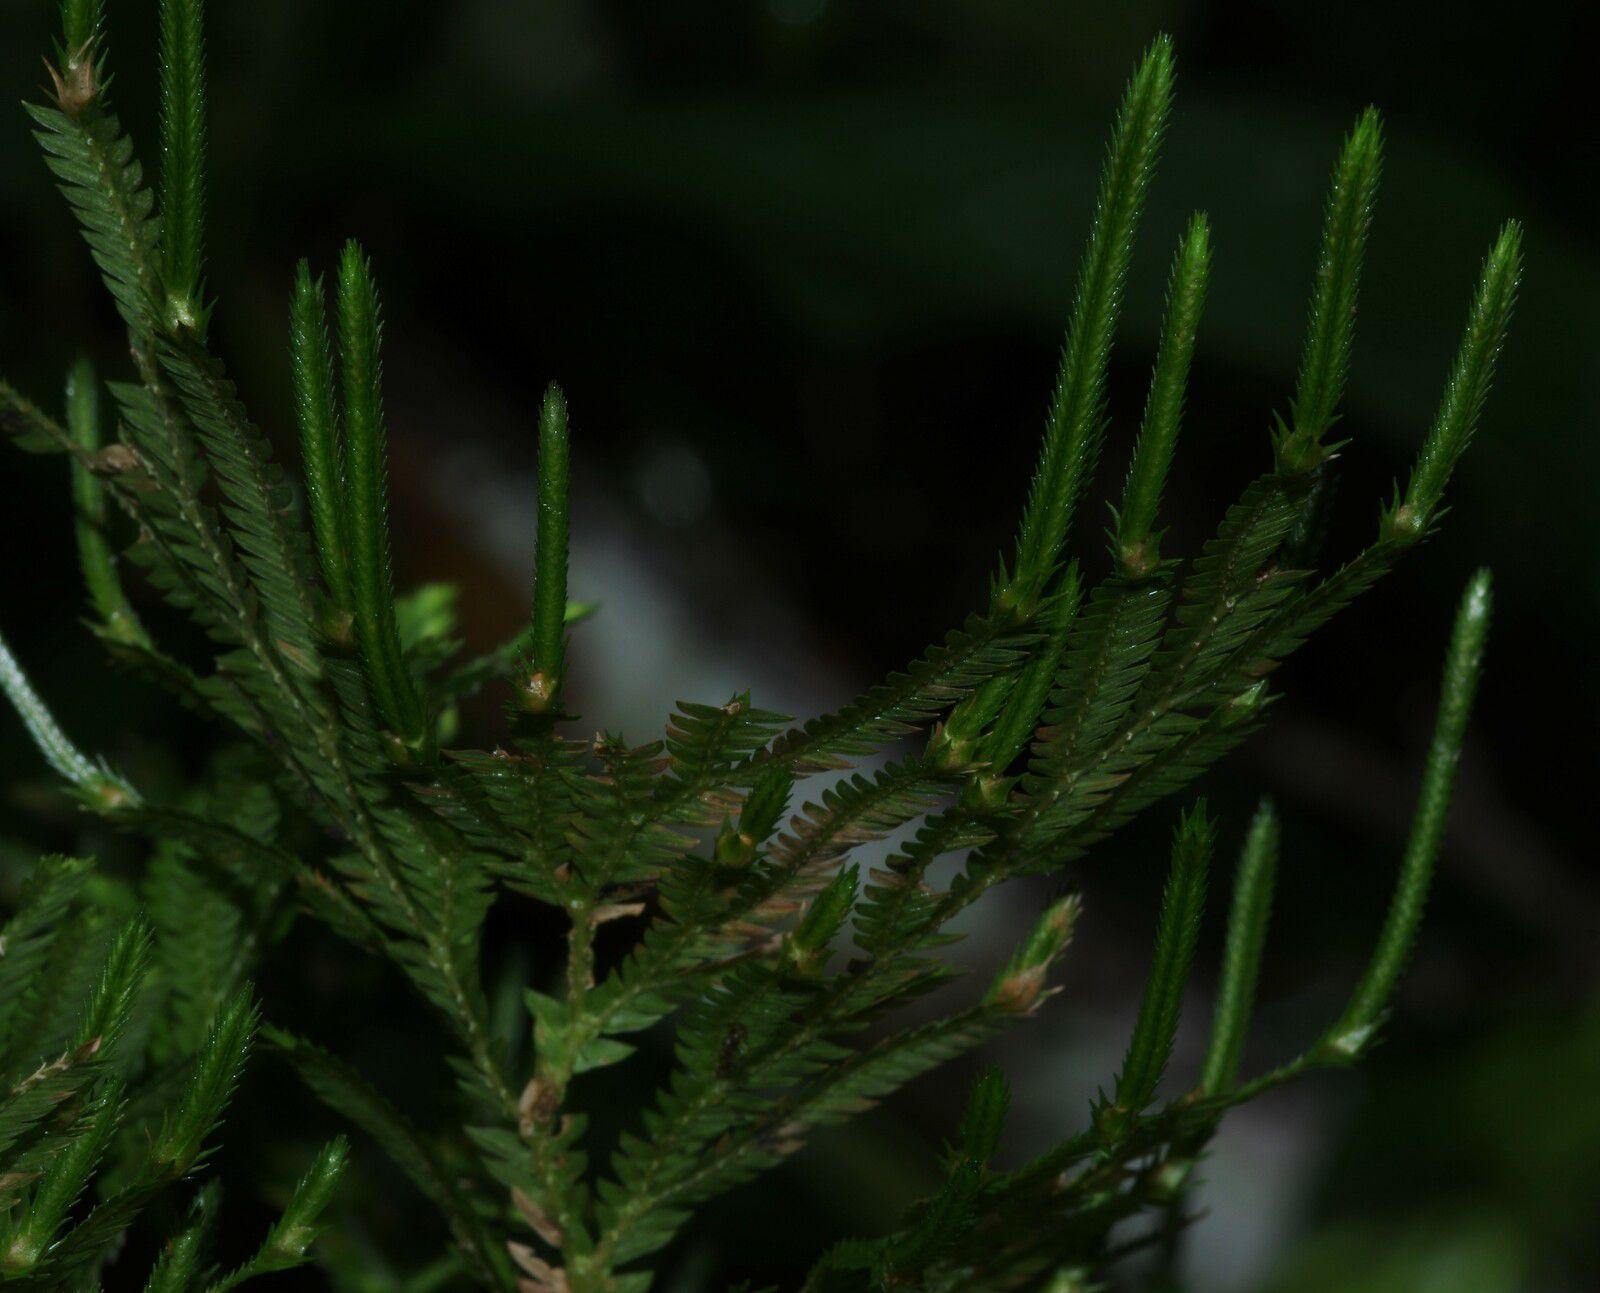 Selaginella conduplicata